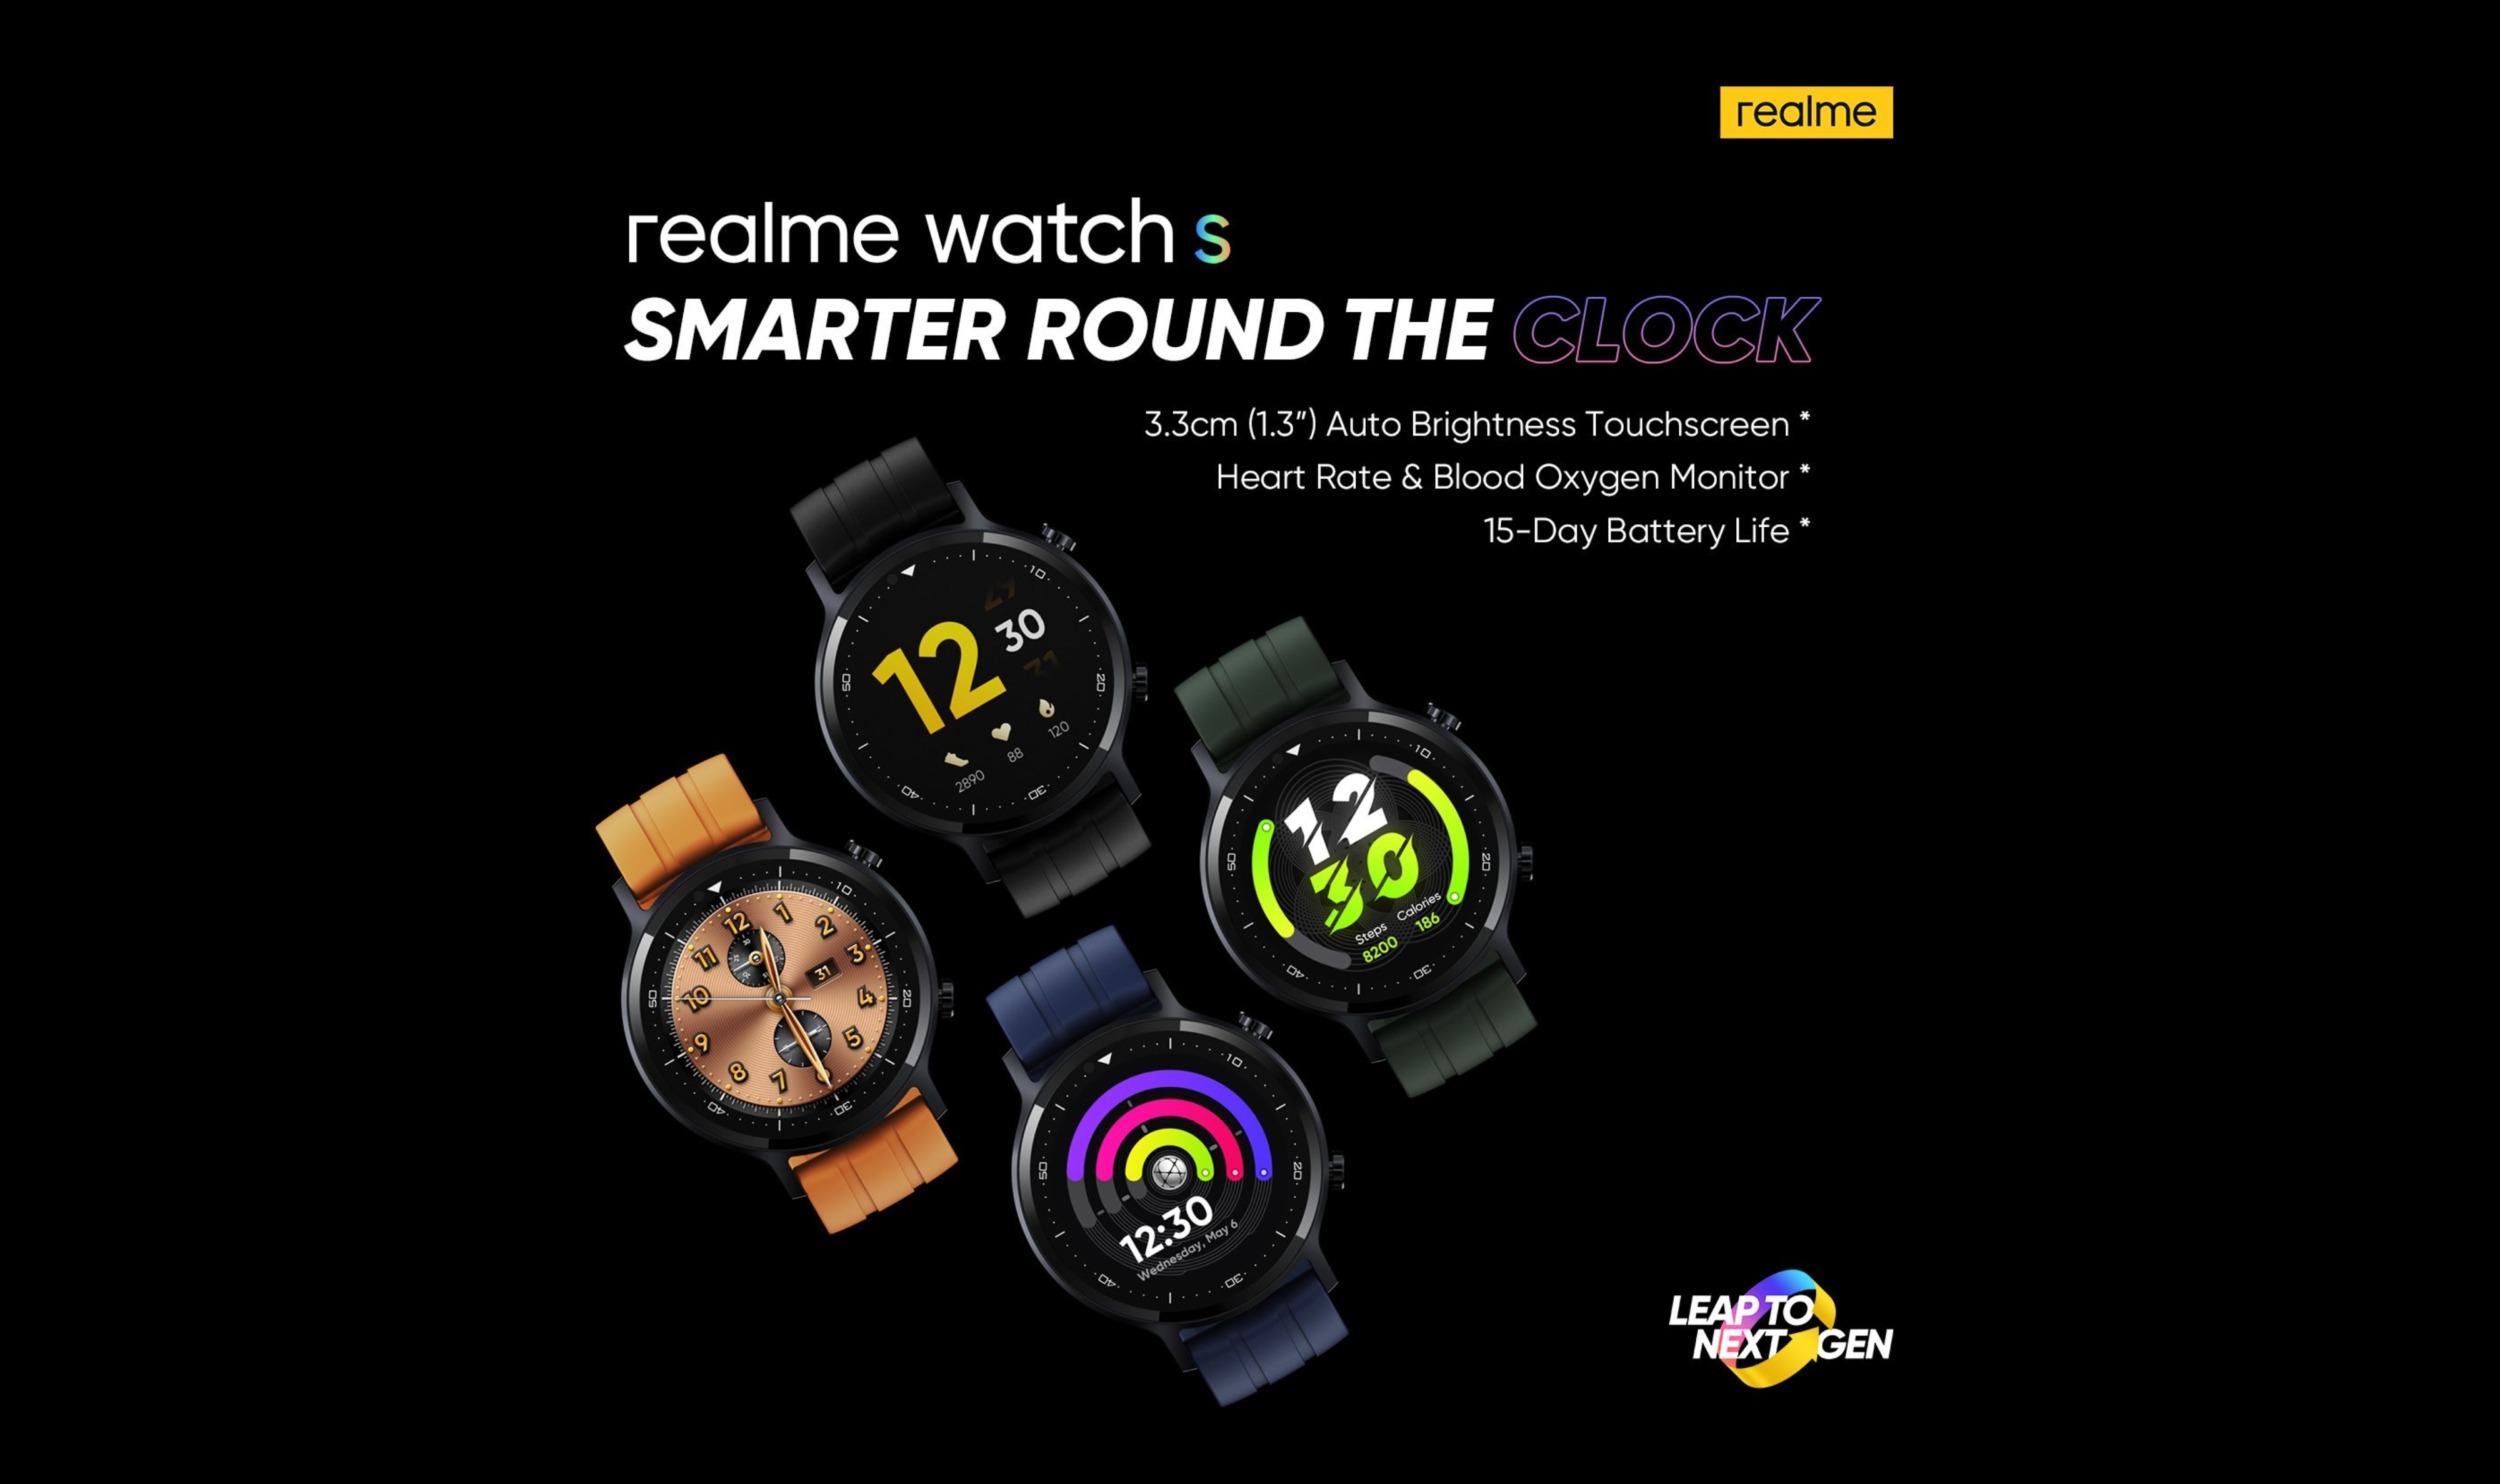 Watch S 4000x2375x